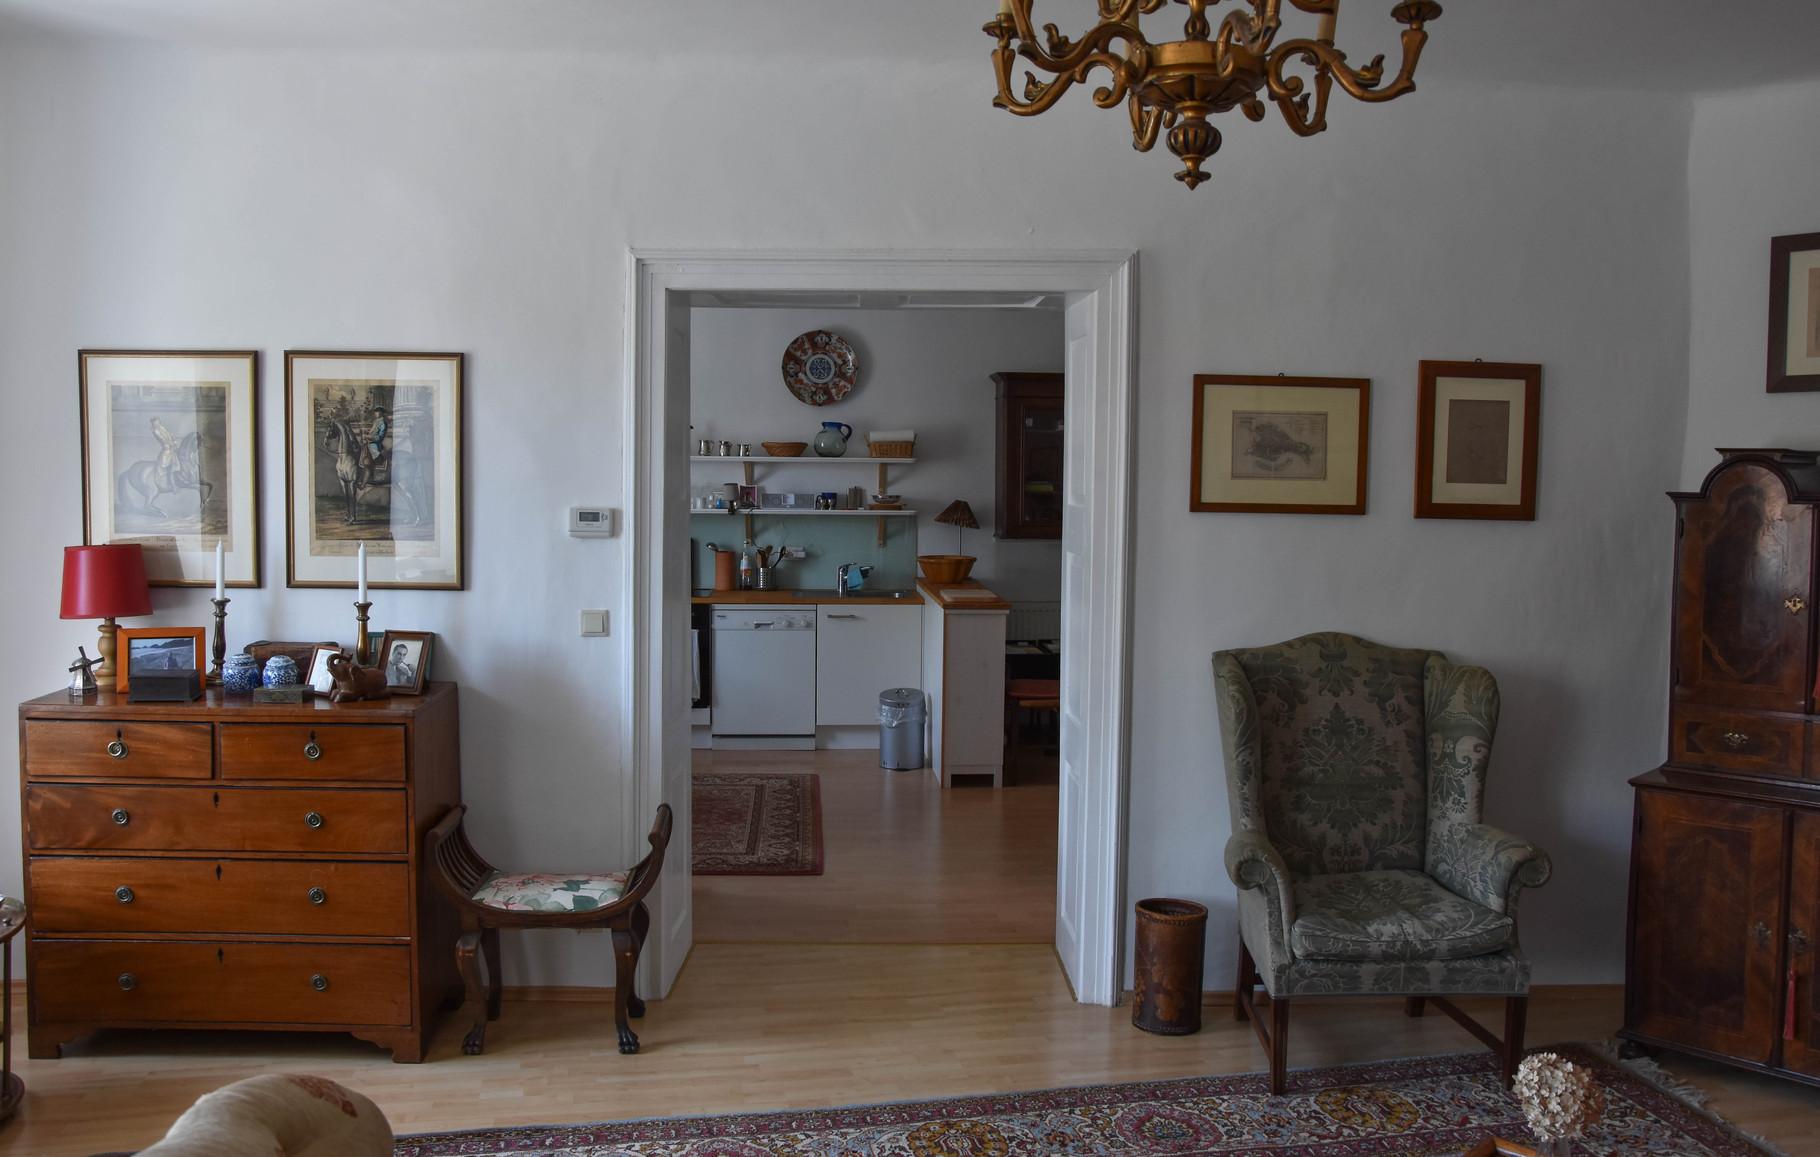 Wohnzimmer Richtung Esszimmer - Foto Gerhard Ambroz 2015